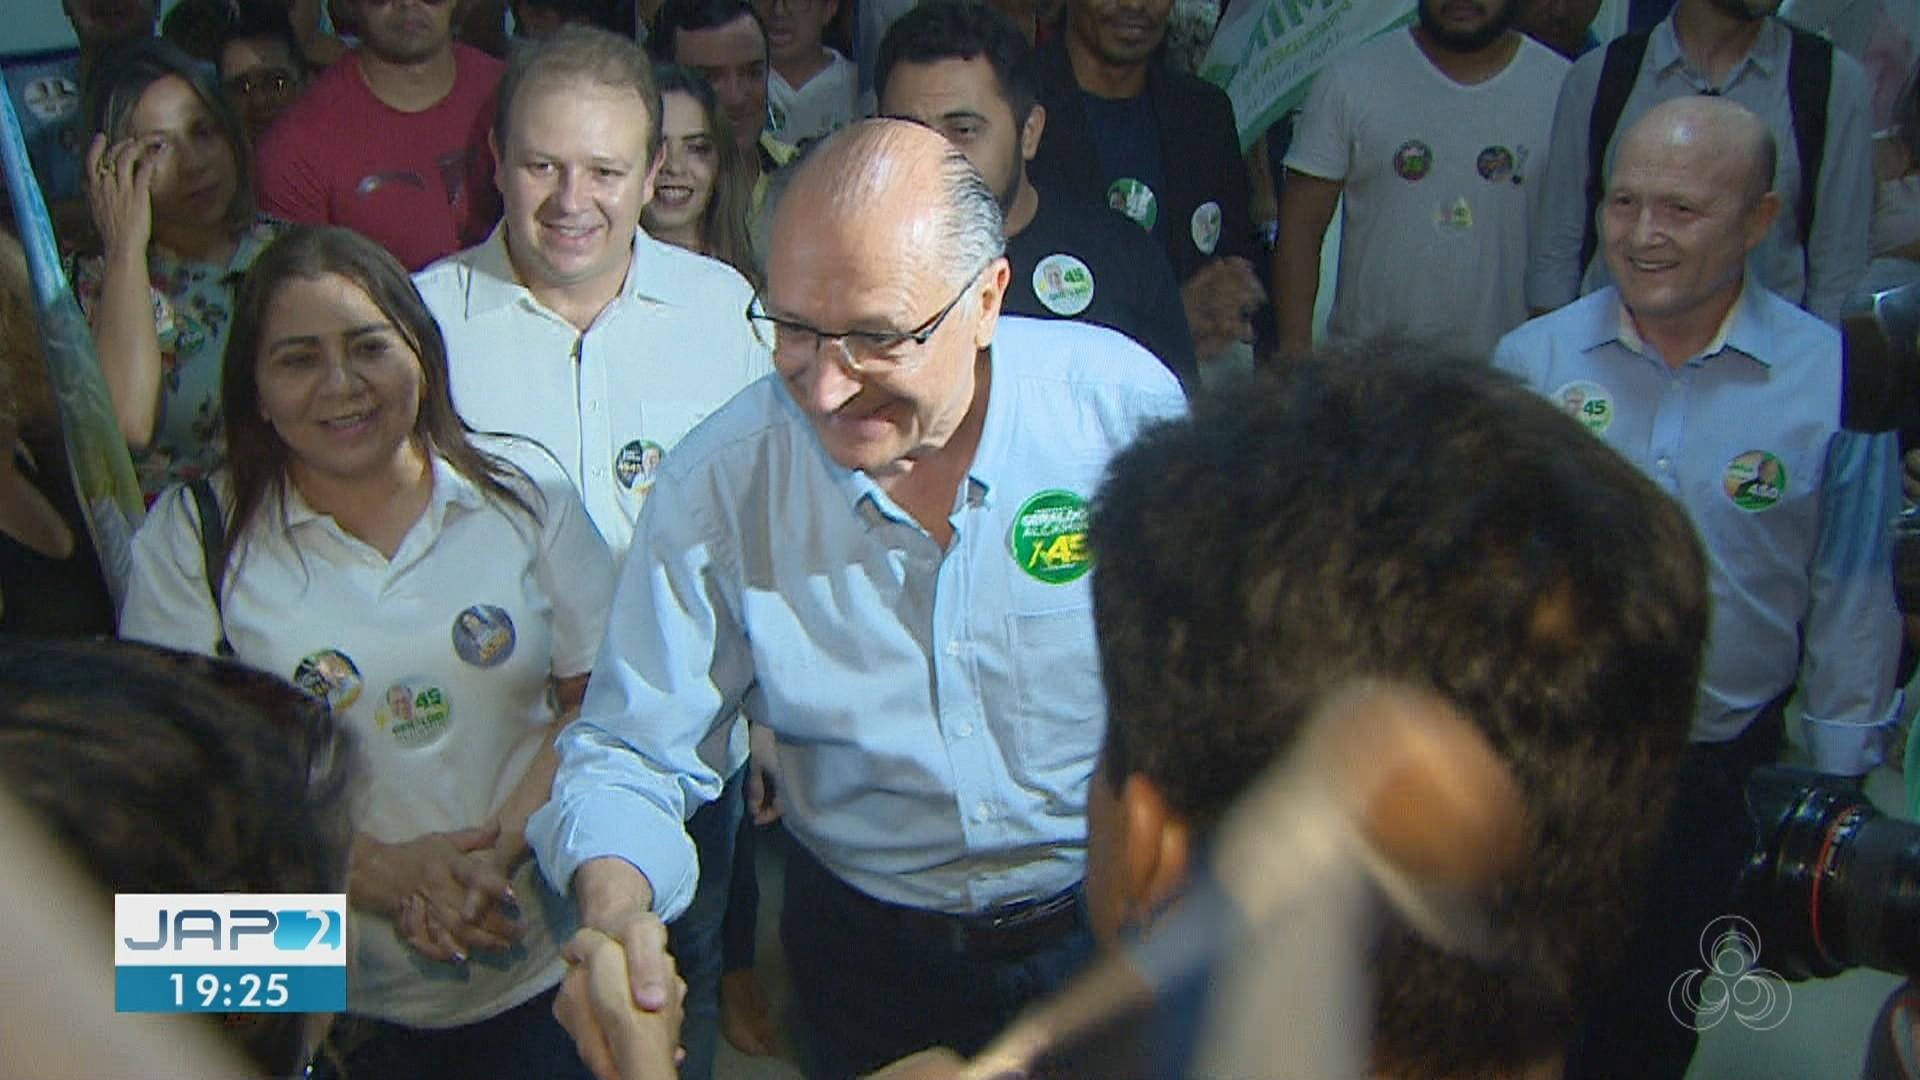 Mais de 500 detentos do AM fazem exame de certificação para jovens e adultos - Radio Evangelho Gospel